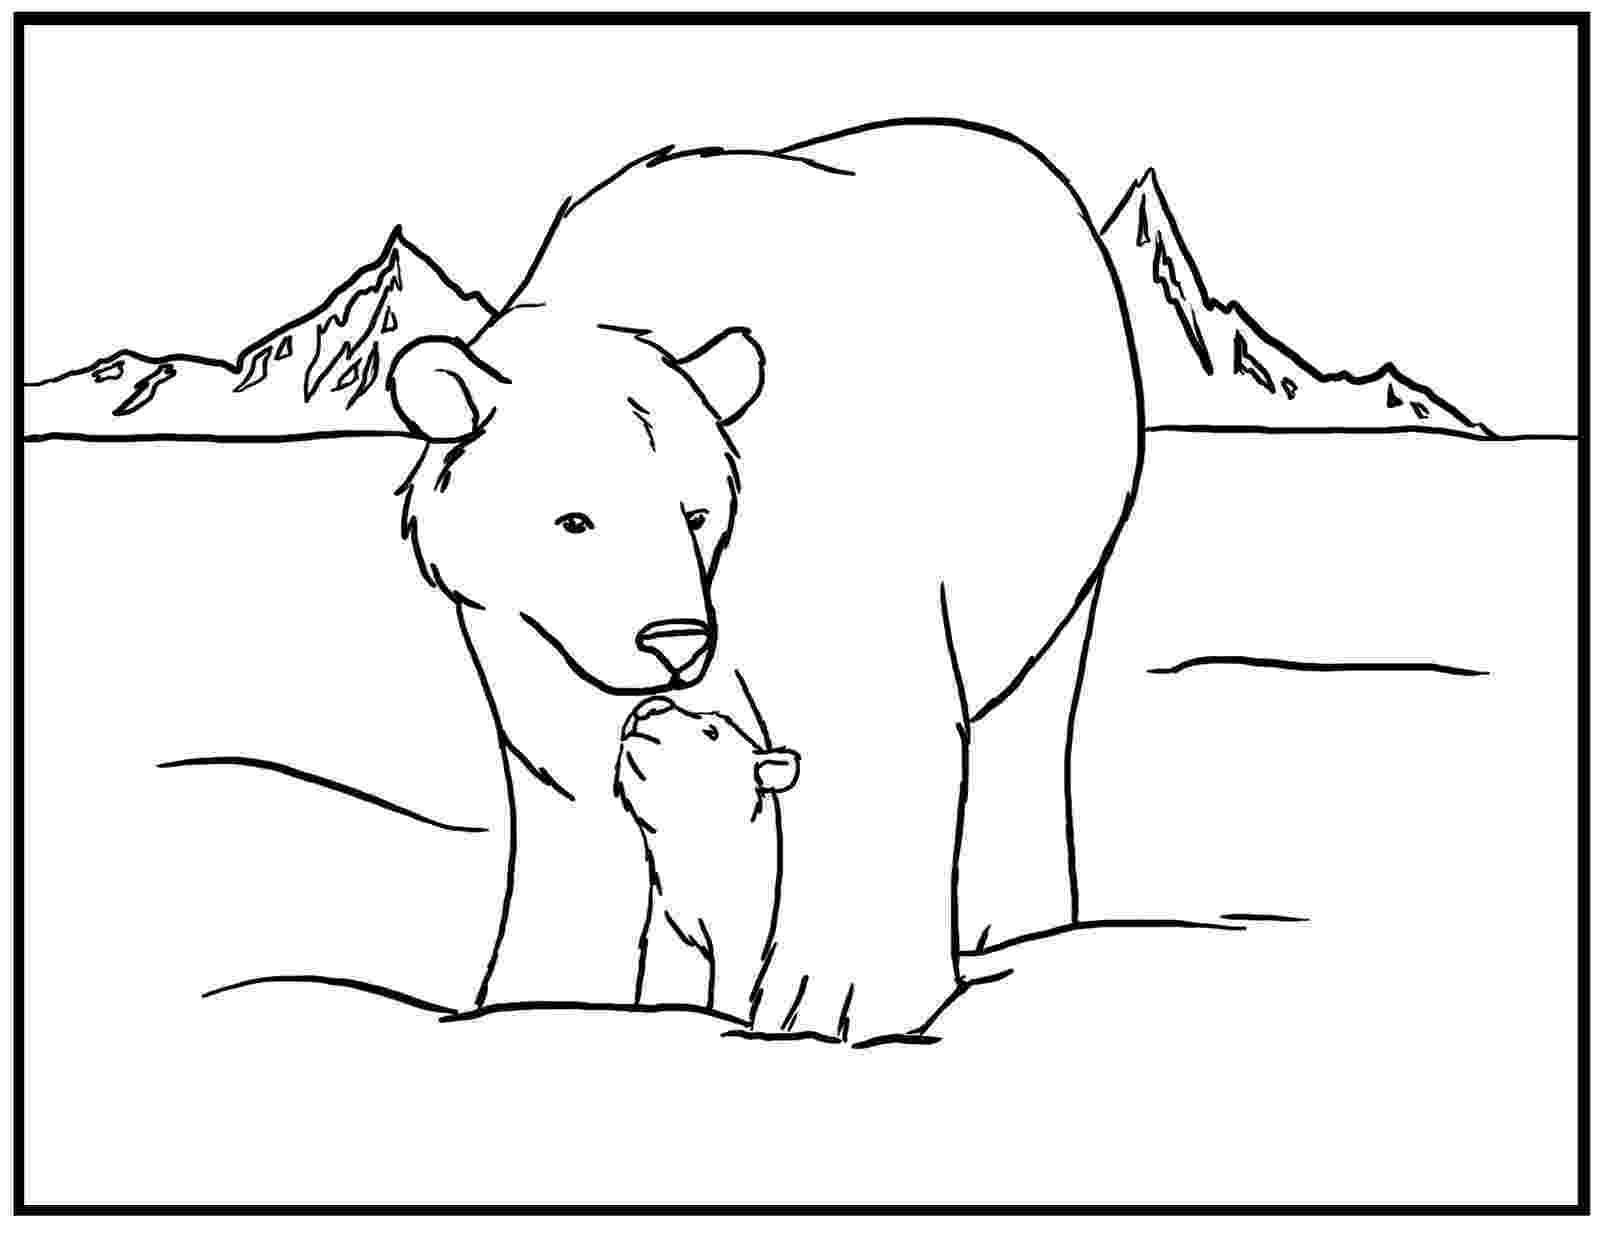 coloring book polar bear top 10 free printable polar bear coloring pages online polar coloring book bear 1 1